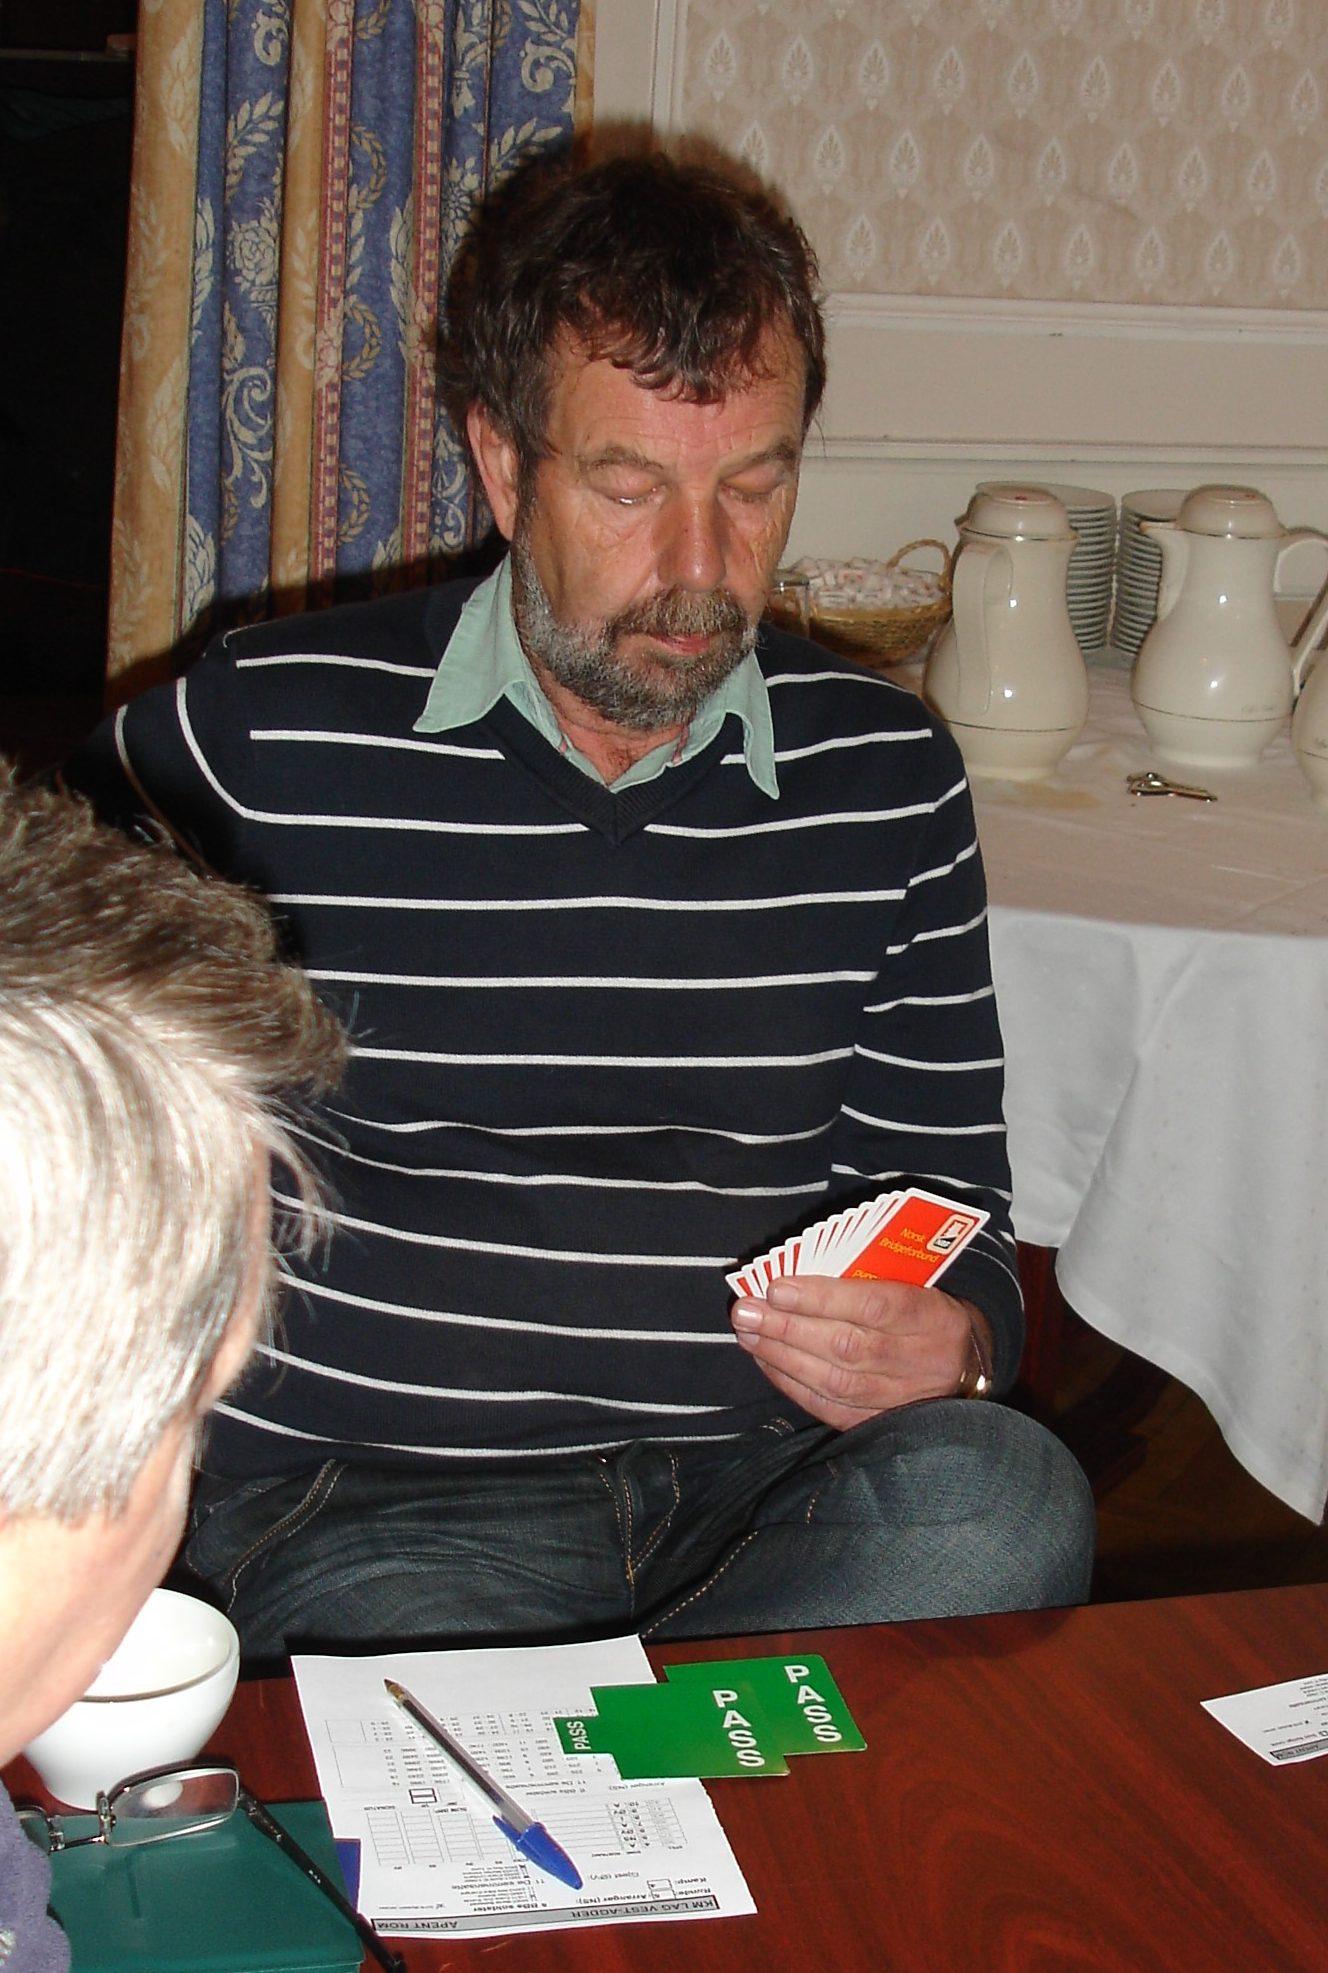 Øystein jensen 2009